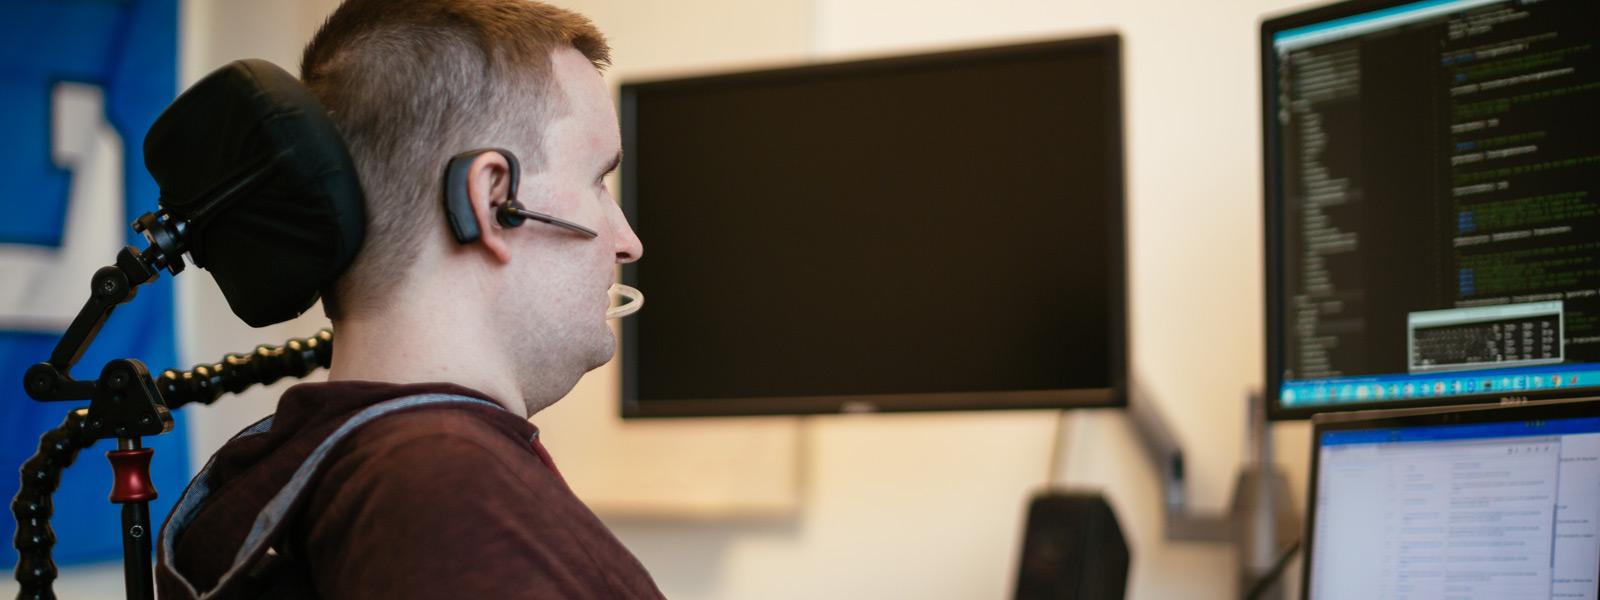 Mies pöydän ääressä ohjaamassa Windows 10 -tietokonetta katseella apulaitteiden avulla